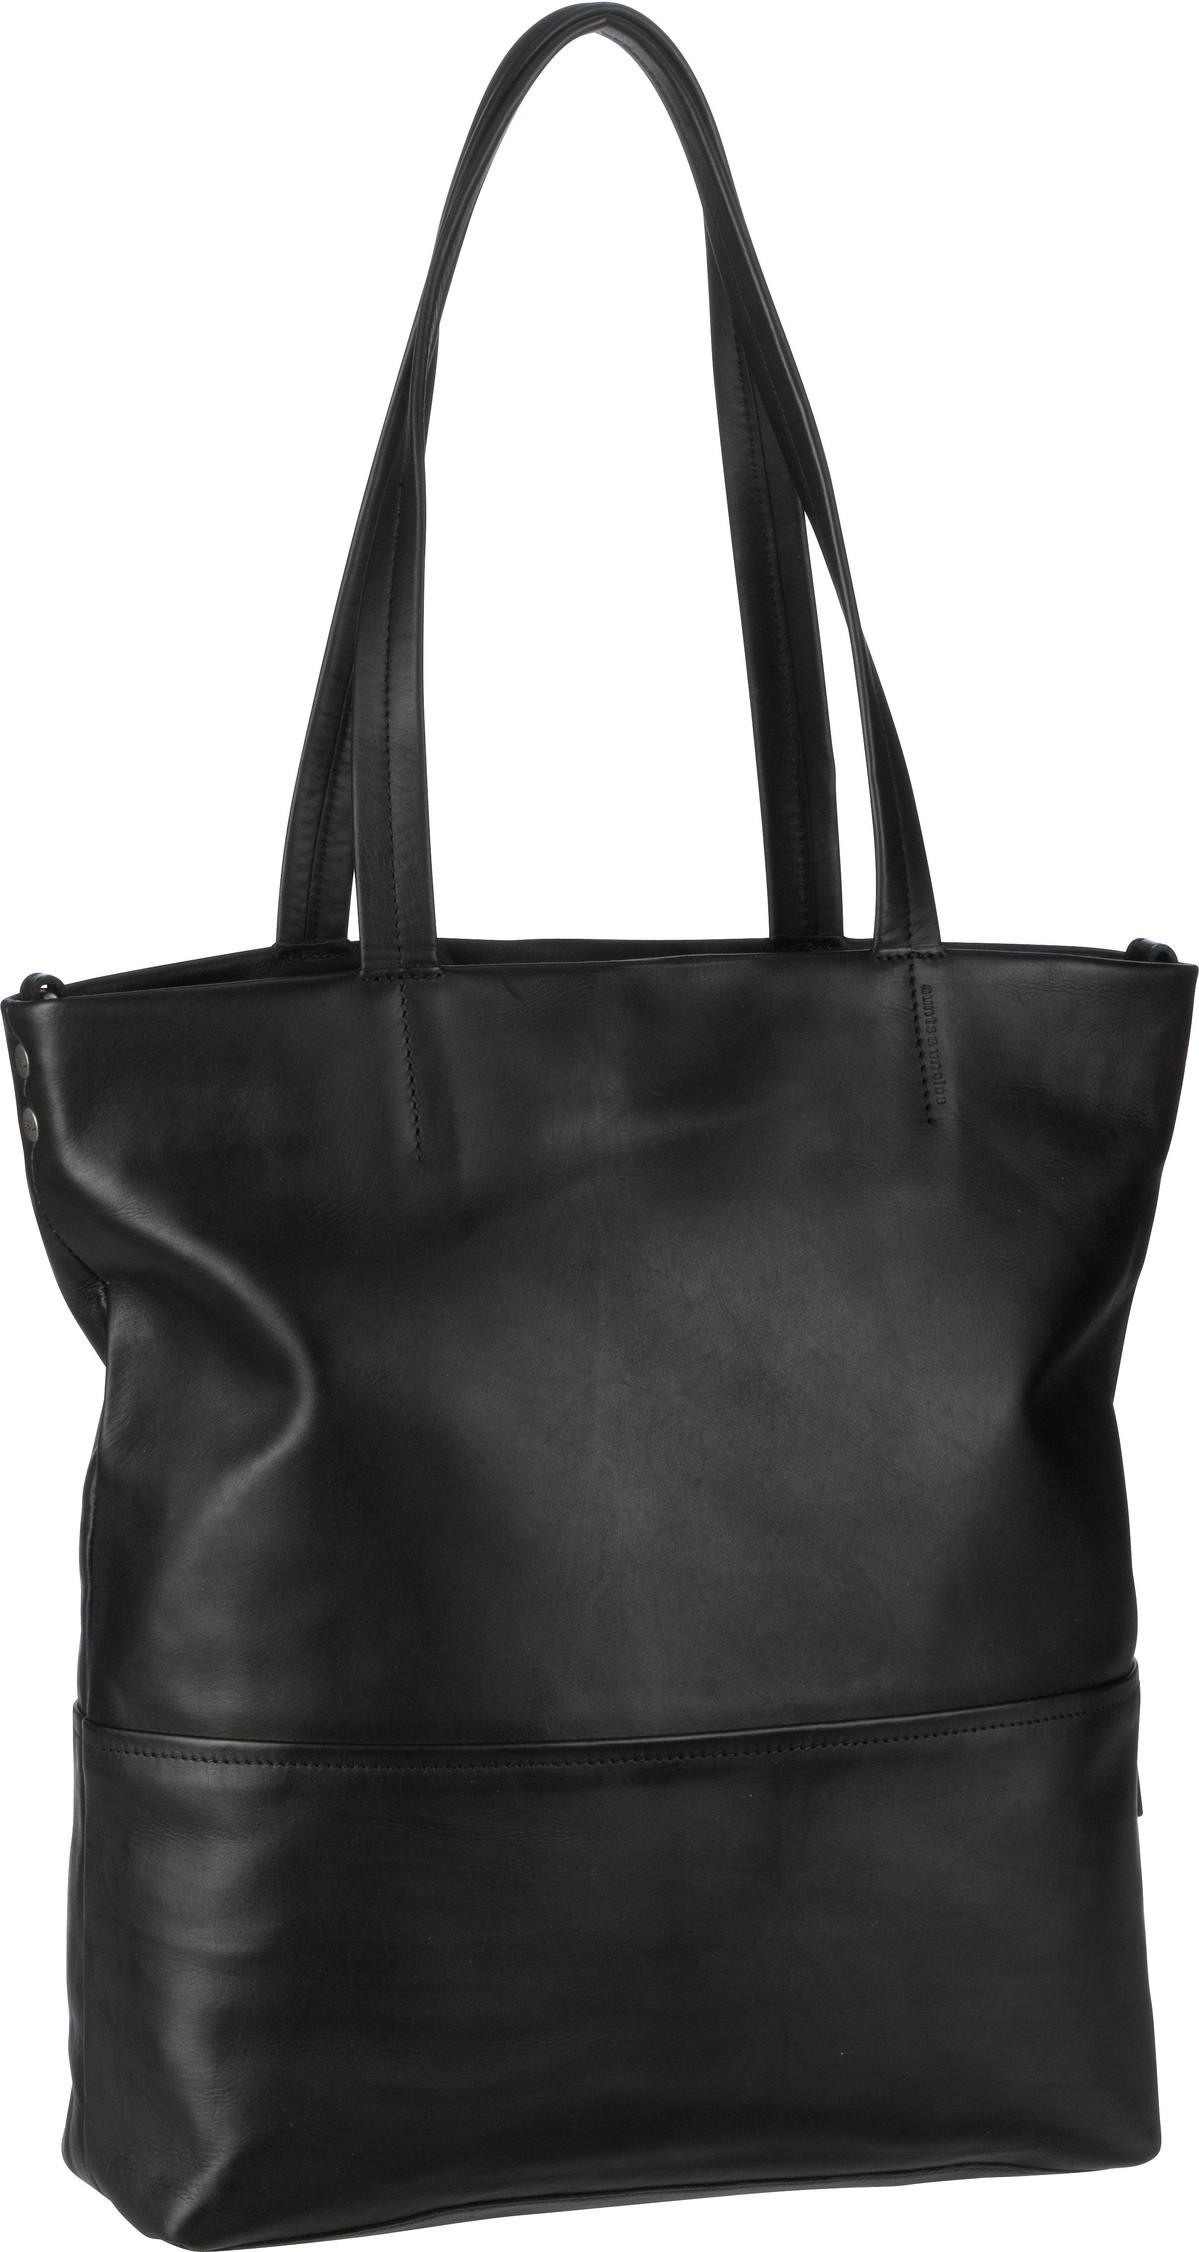 Handtasche Kiwano Jet Black